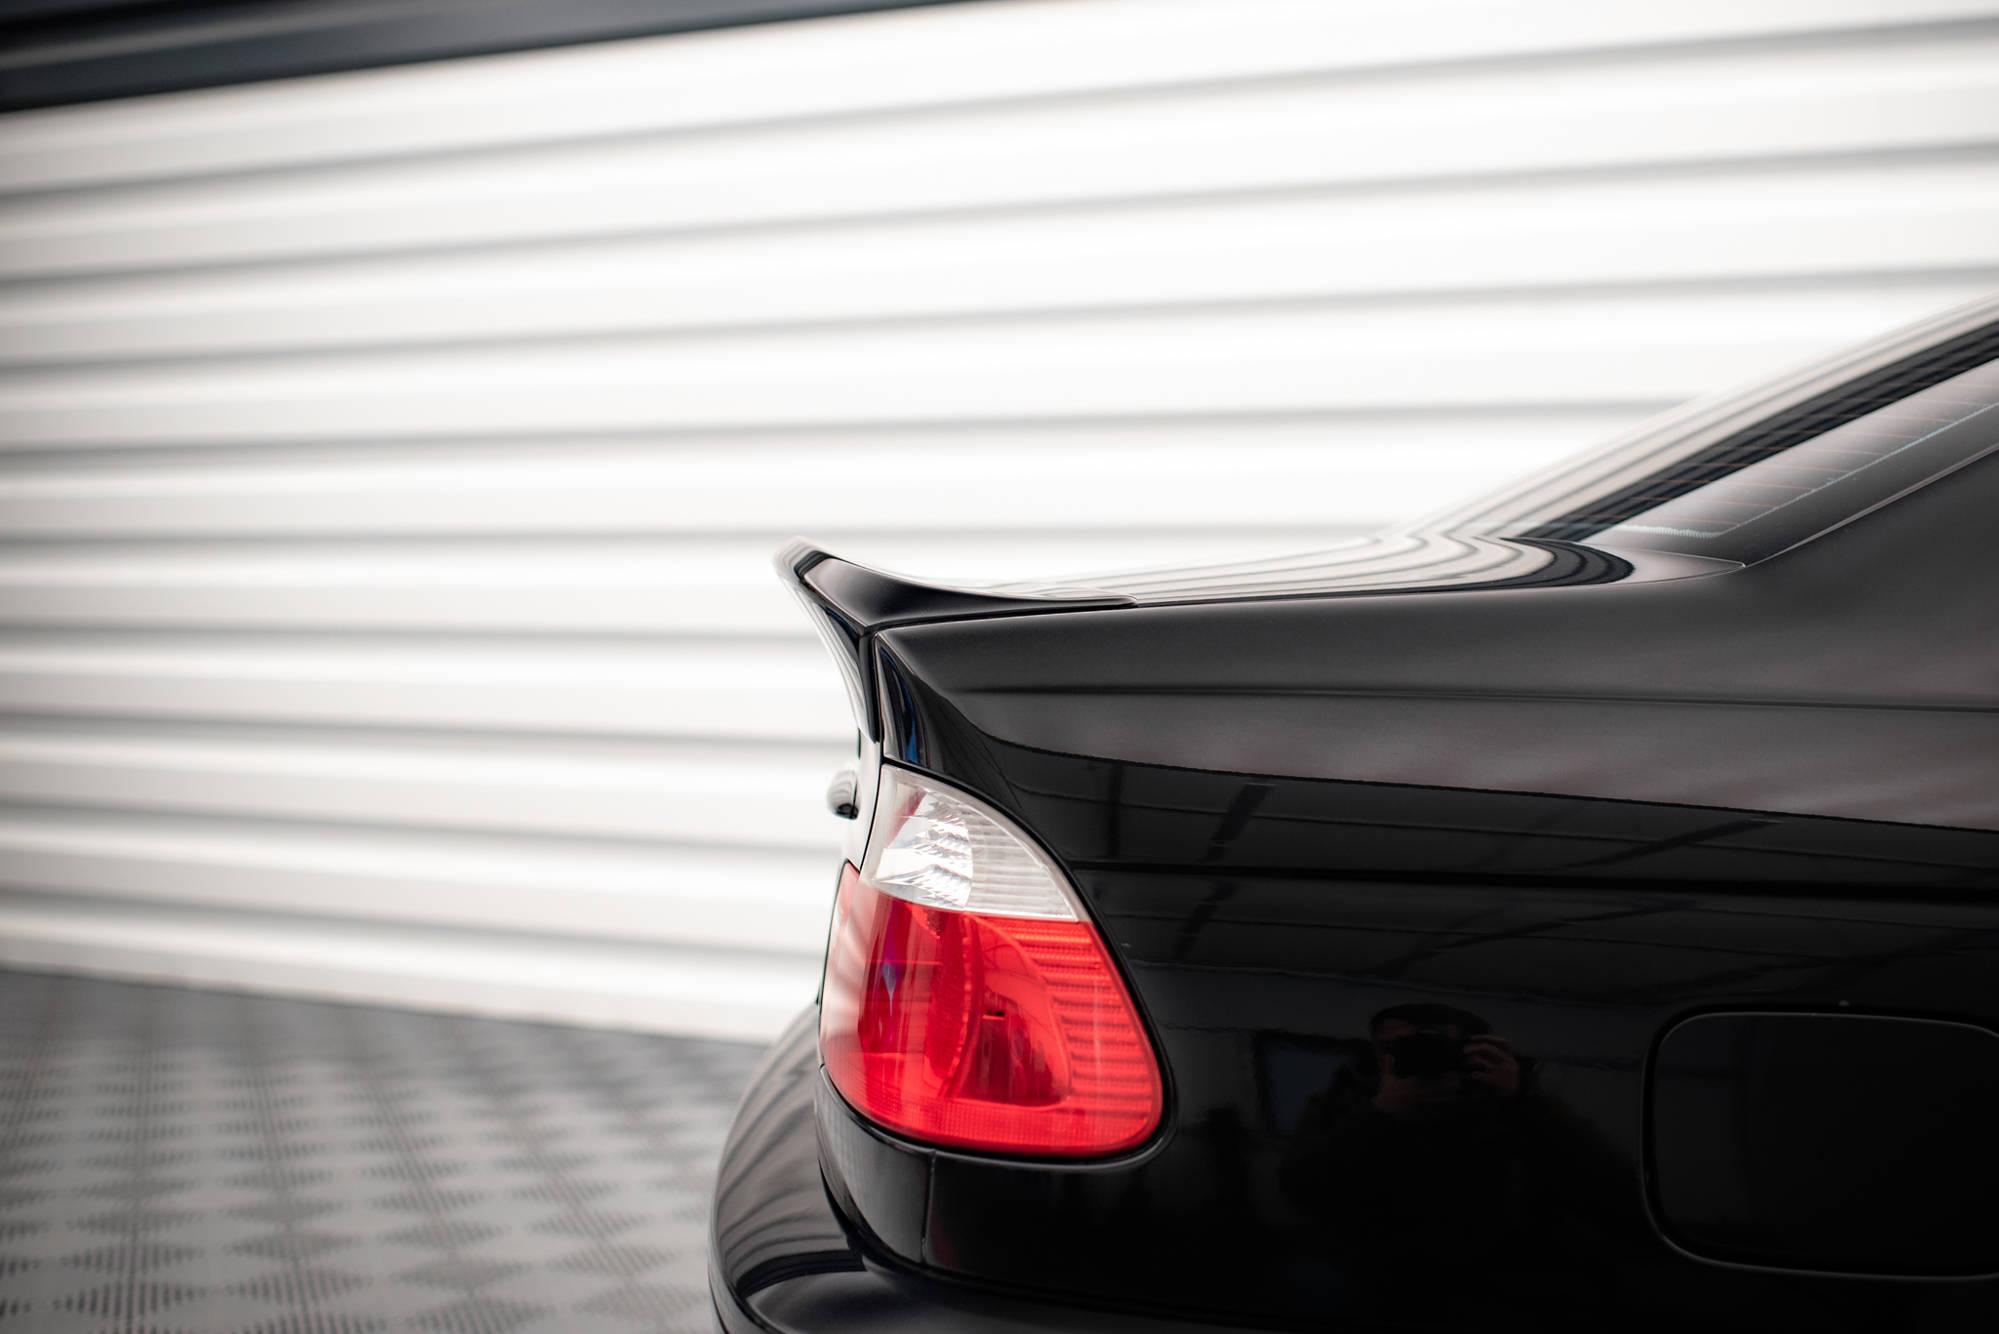 Heckspoiler Kofferraumdeckel Erweiterung Bmw 3 E46 Coupe Vor